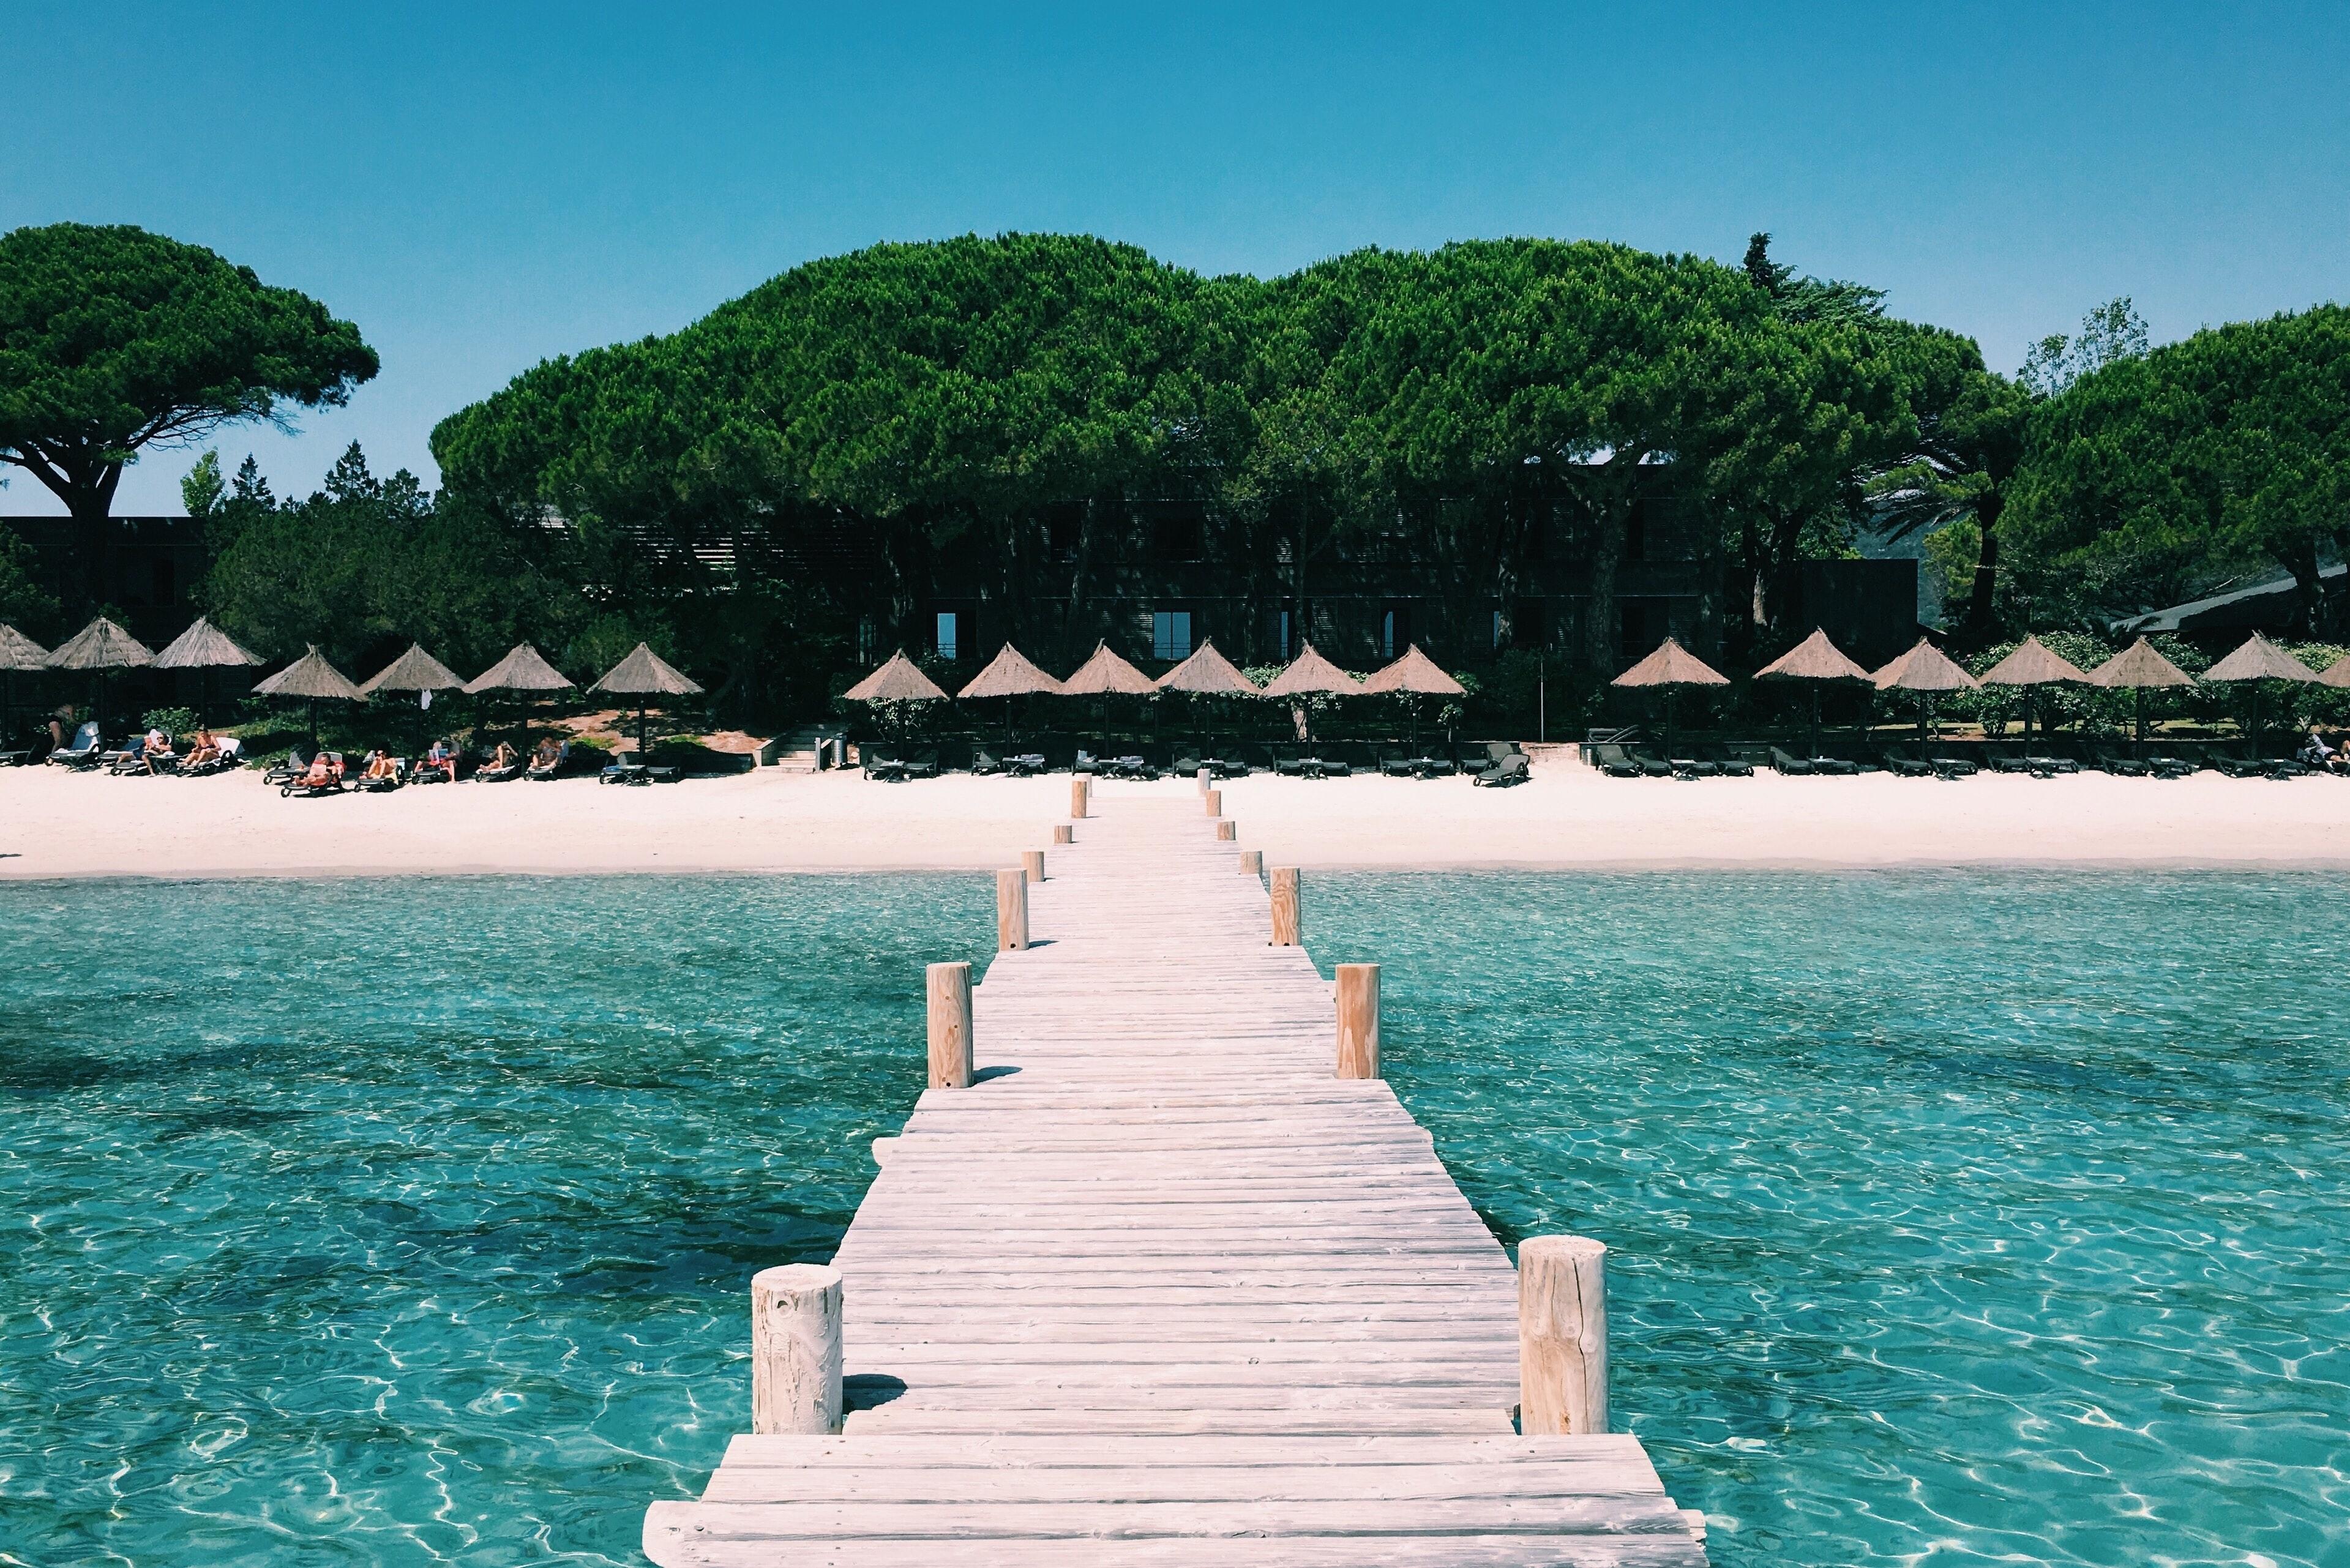 La plage Palombaggia fra le migliori spiagge di Francia